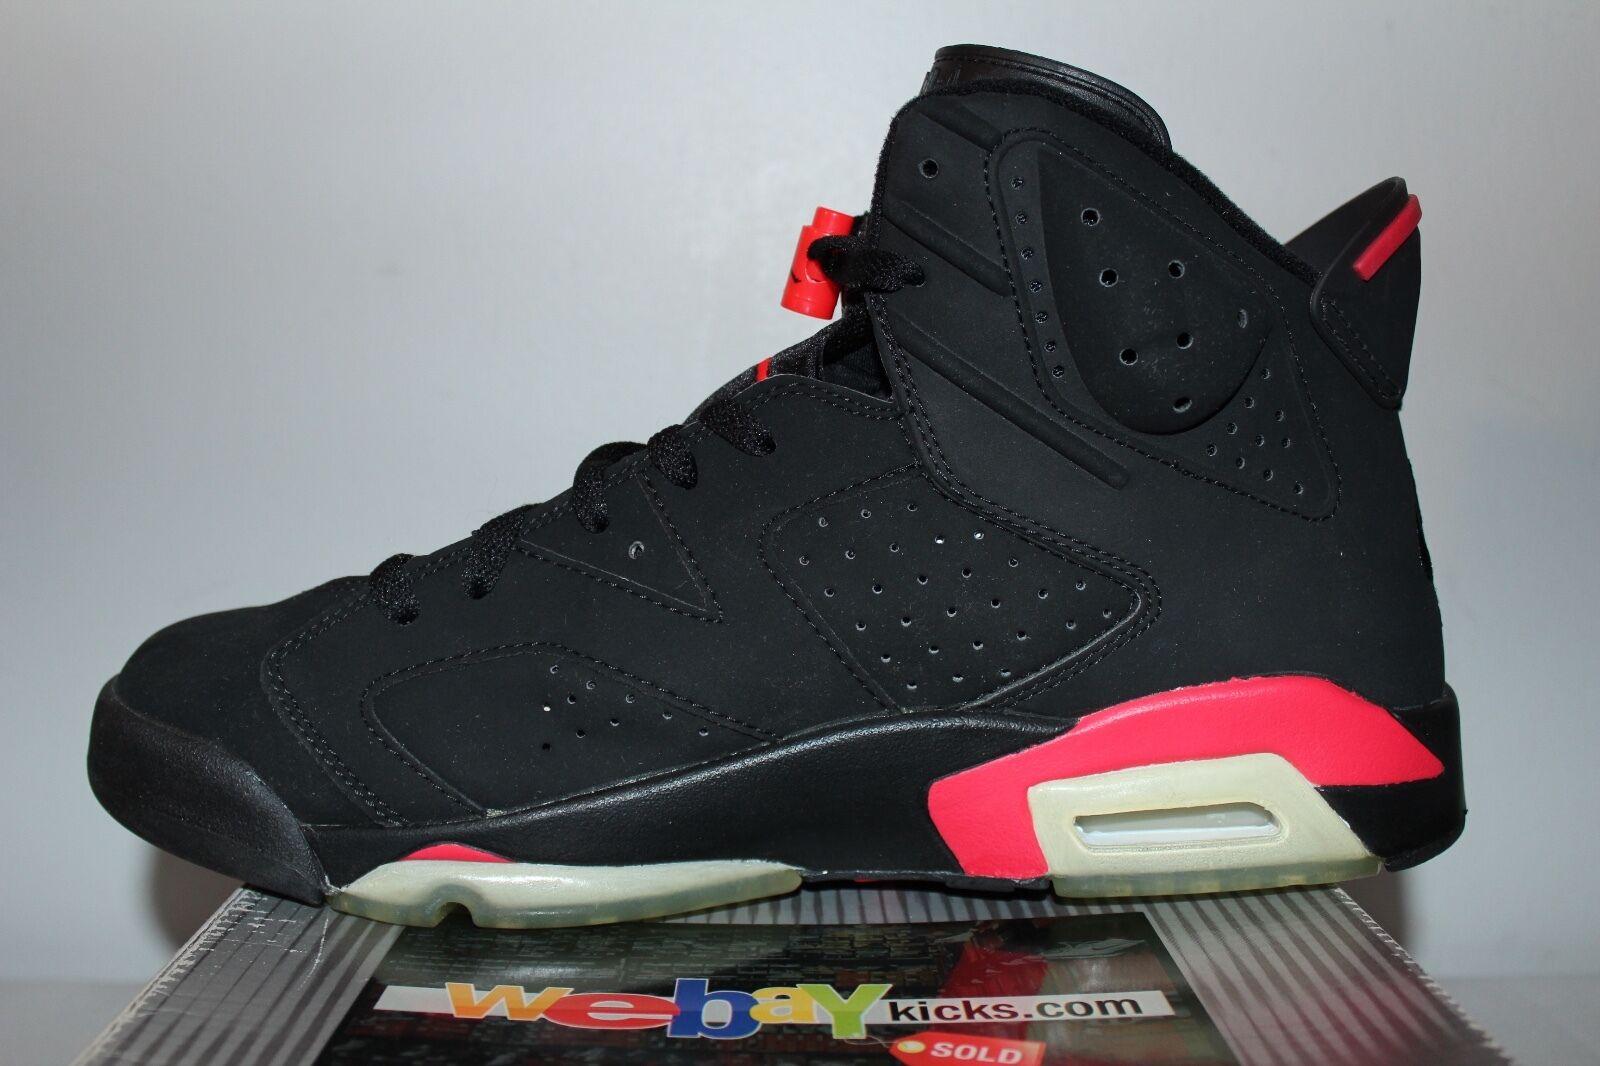 5a6738af8565 ... Air Jordan Retro 6 VI Nike Nike Nike 2000 OG Infrared Black Sneakers  Men s Size 11.5 ...